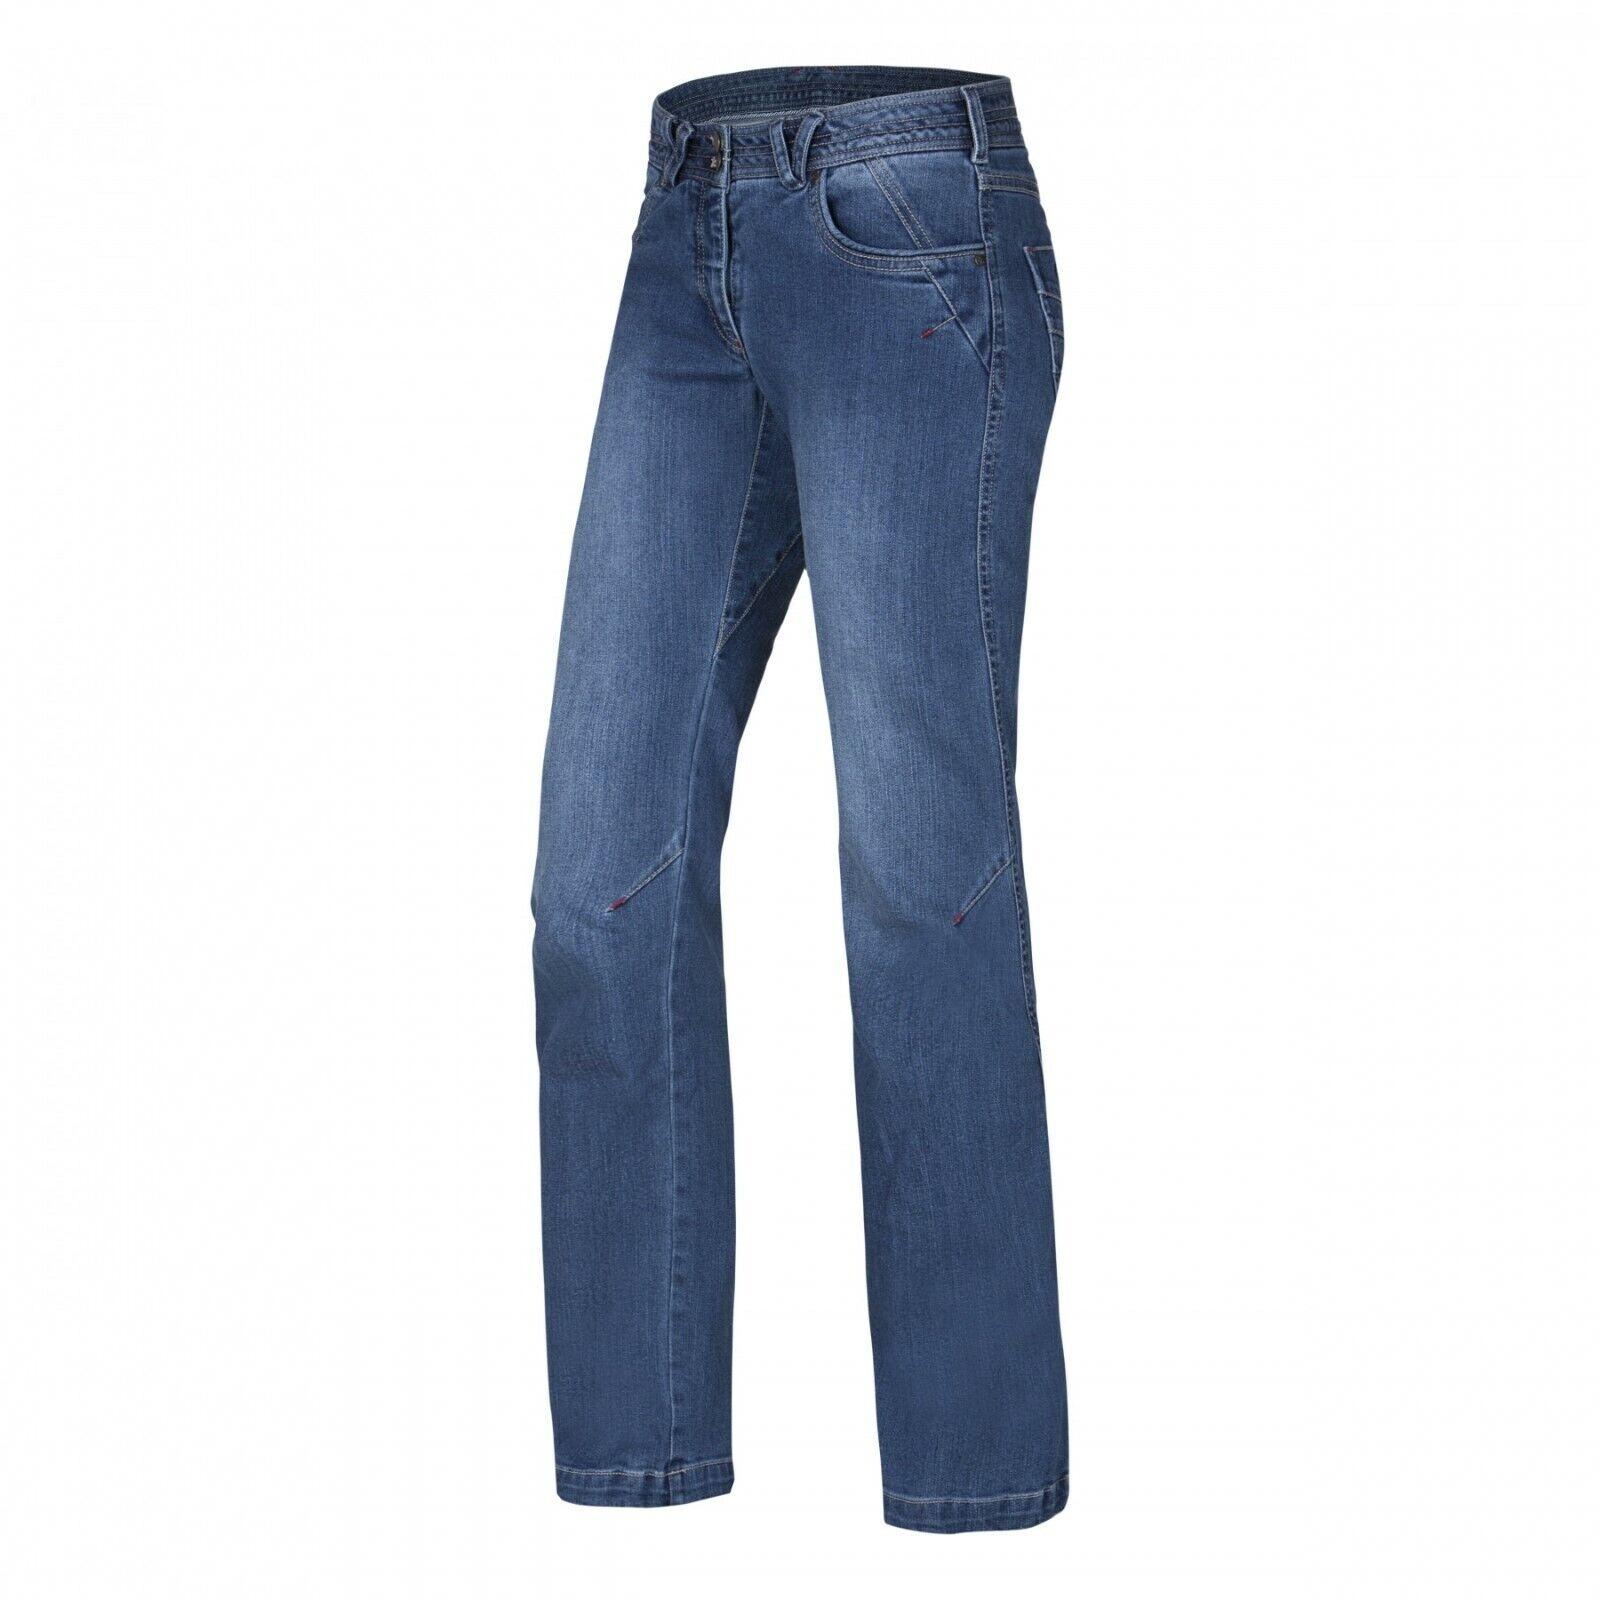 Ocun Medea Jeans Donna Elasticizzati Roautobusto Boulderjeans da Arrampicata per